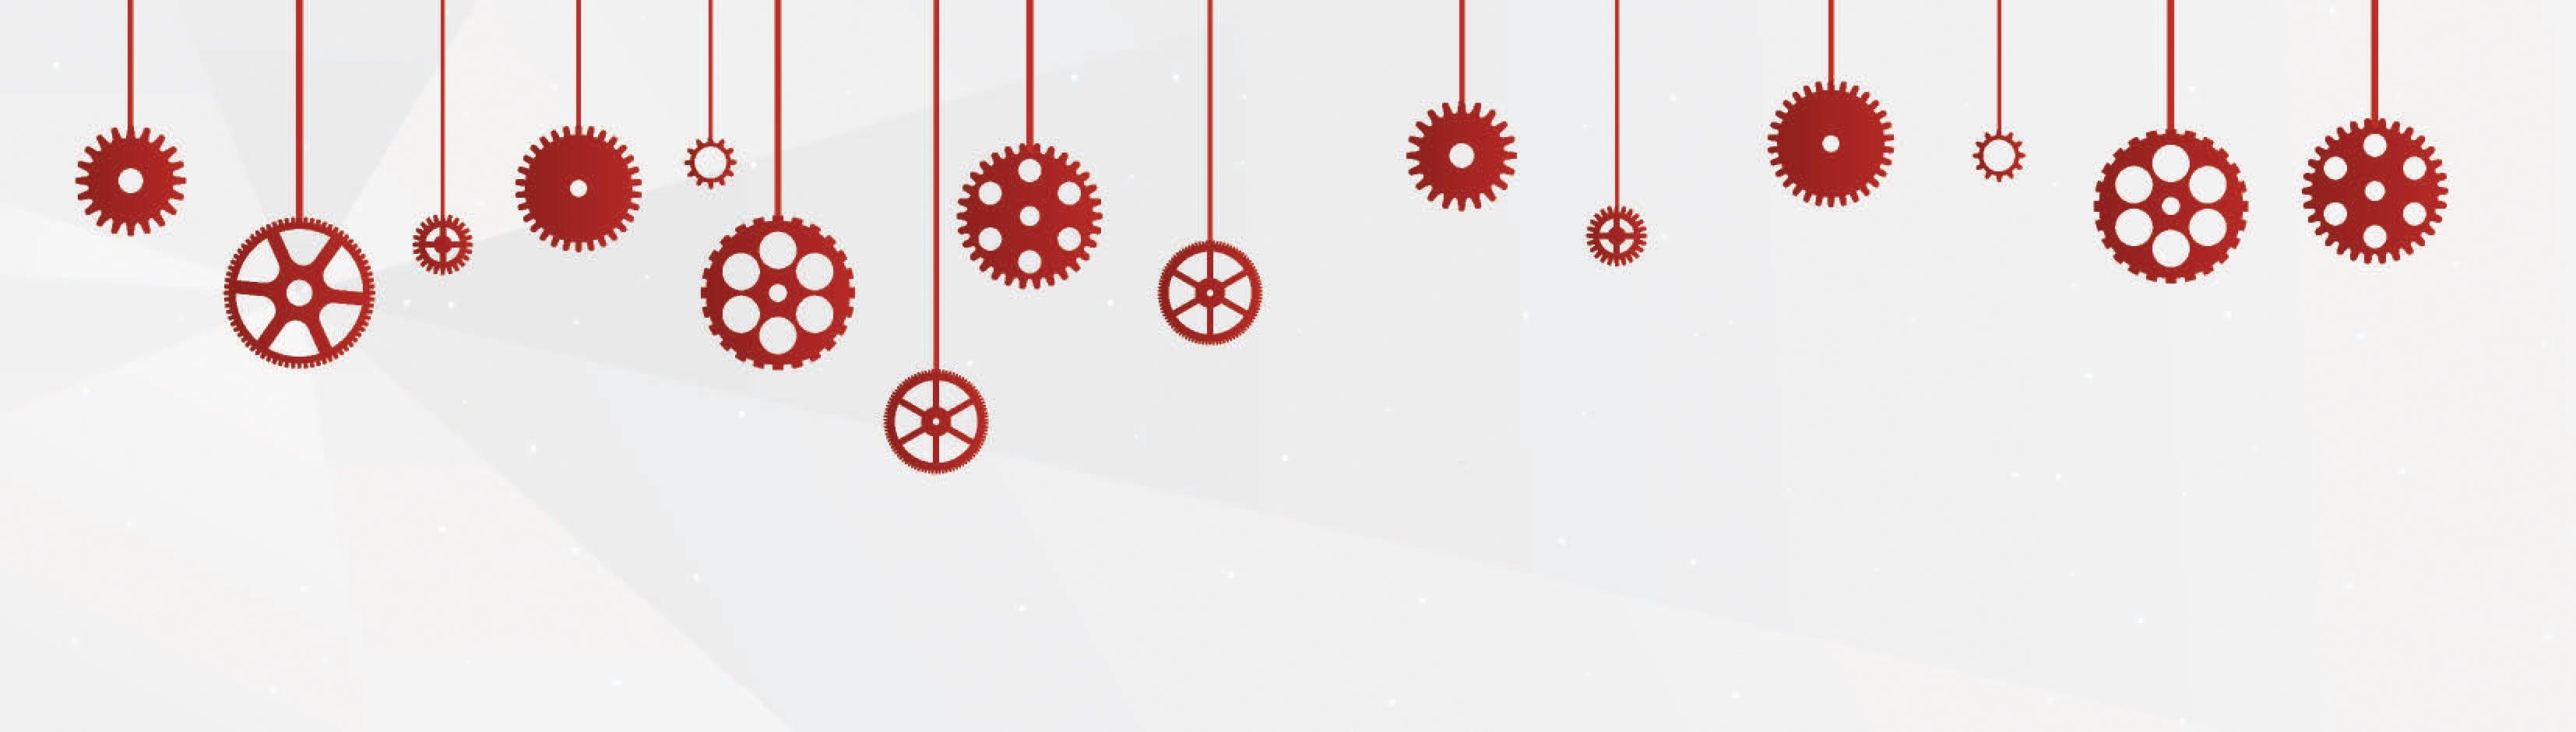 Aangepaste dienstregeling rondom de feestdagen